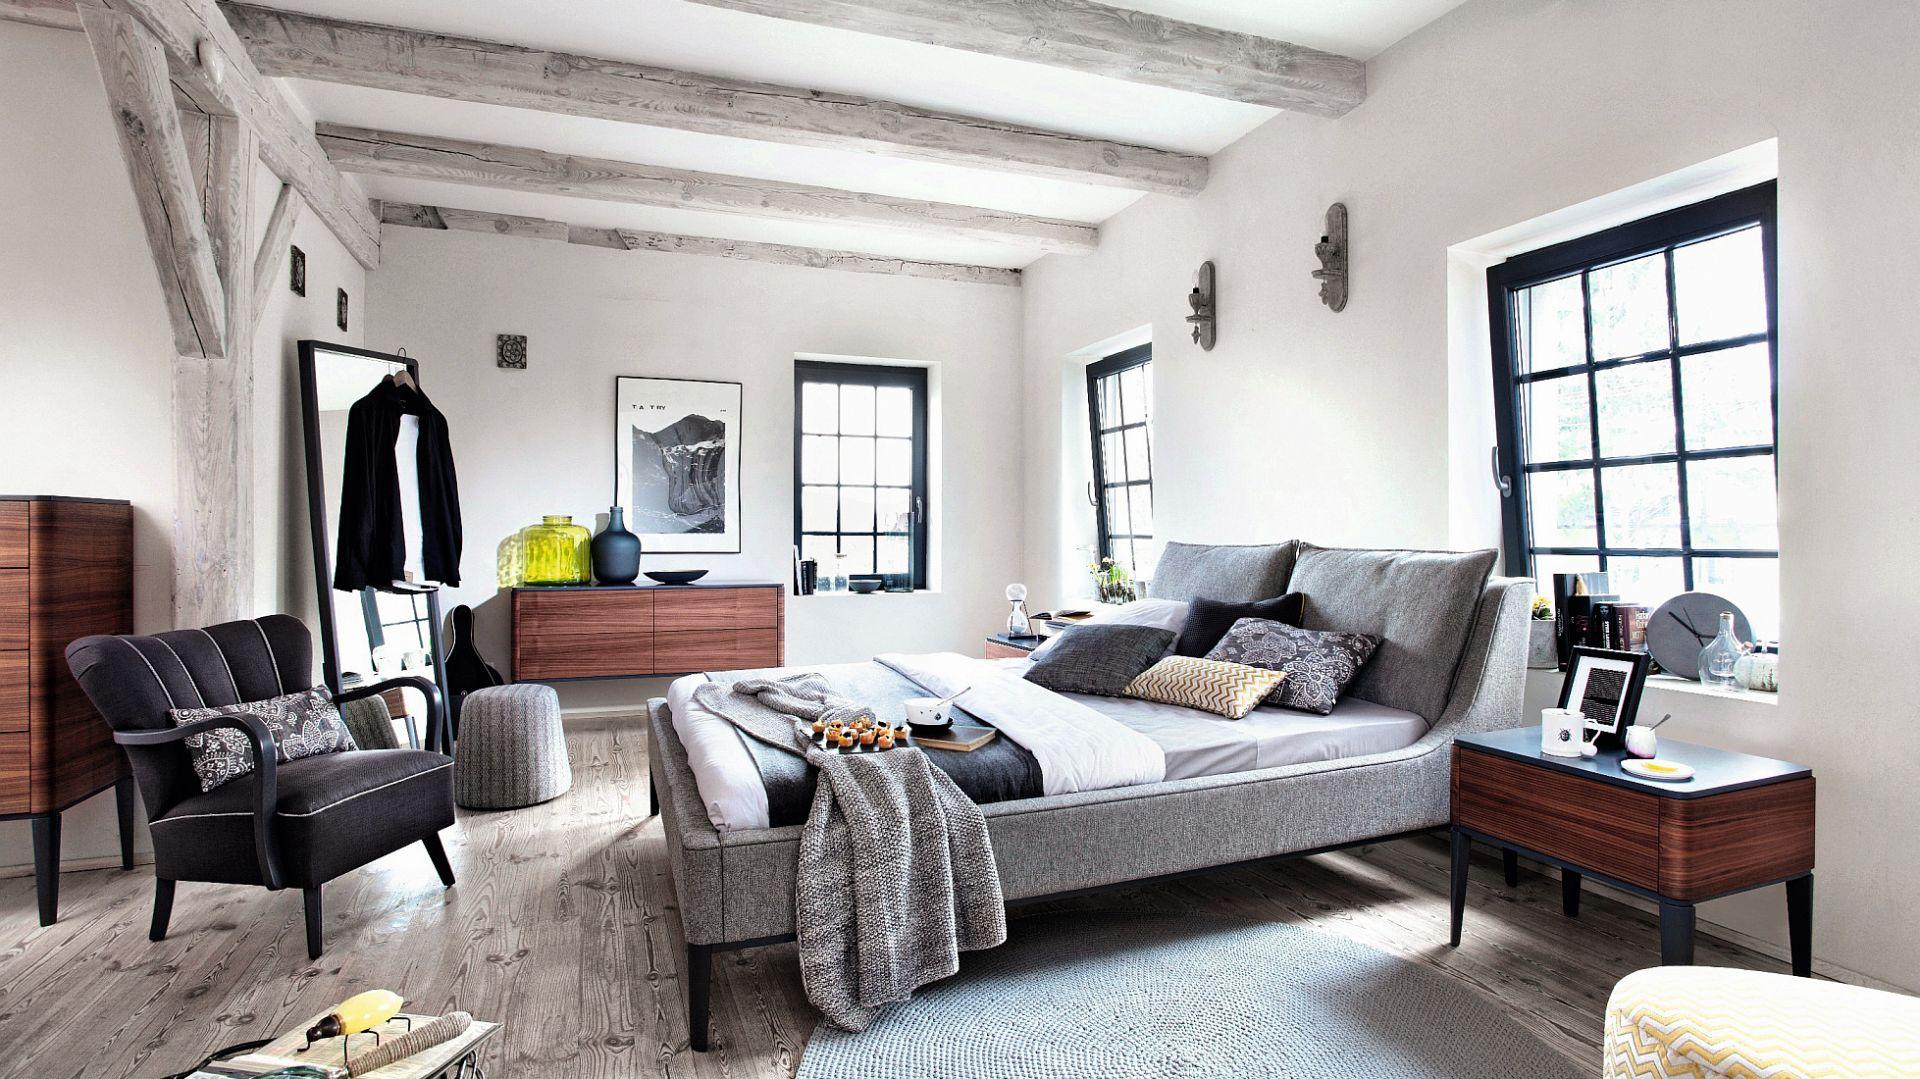 Szara tkanina, którą tapicerowane jest łóżko Essence firmy Swarzędz Home, podkreśla minimalistyczny i nieco surowy charakter wnętrza. Fot. Swarzędz Home